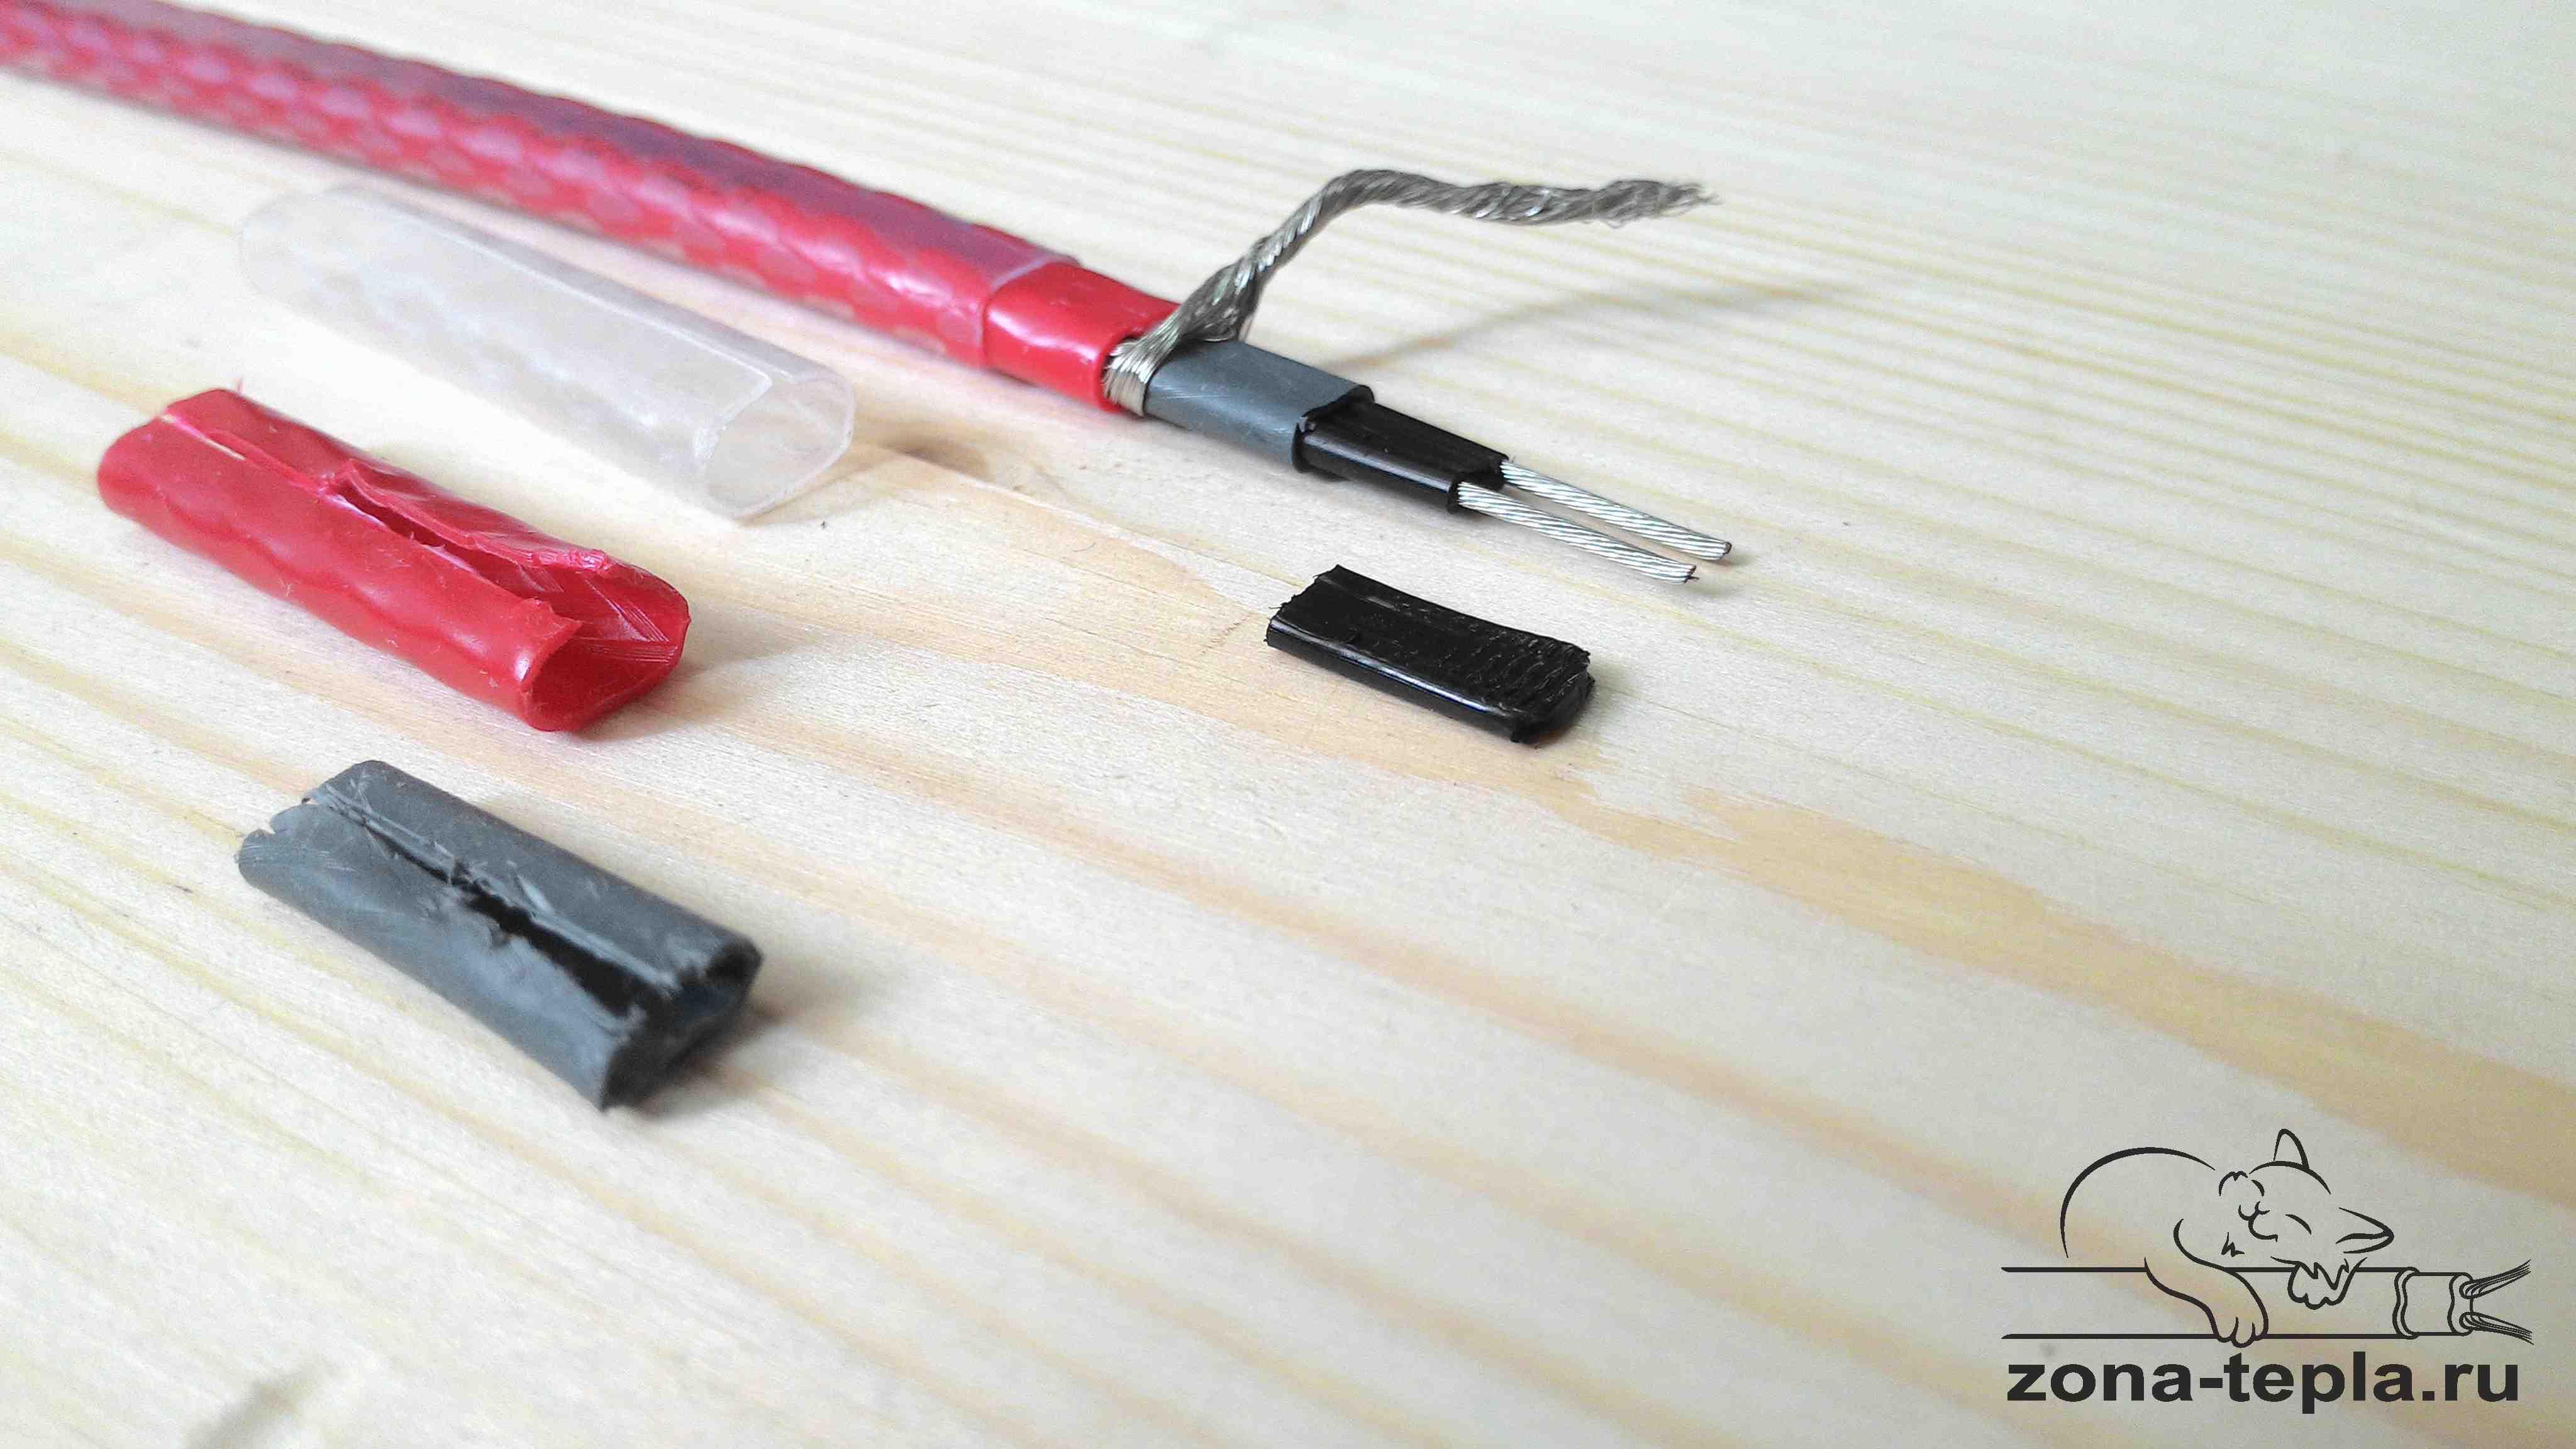 Греющий кабель для водопровода внутри трубы 13MSH2-CR